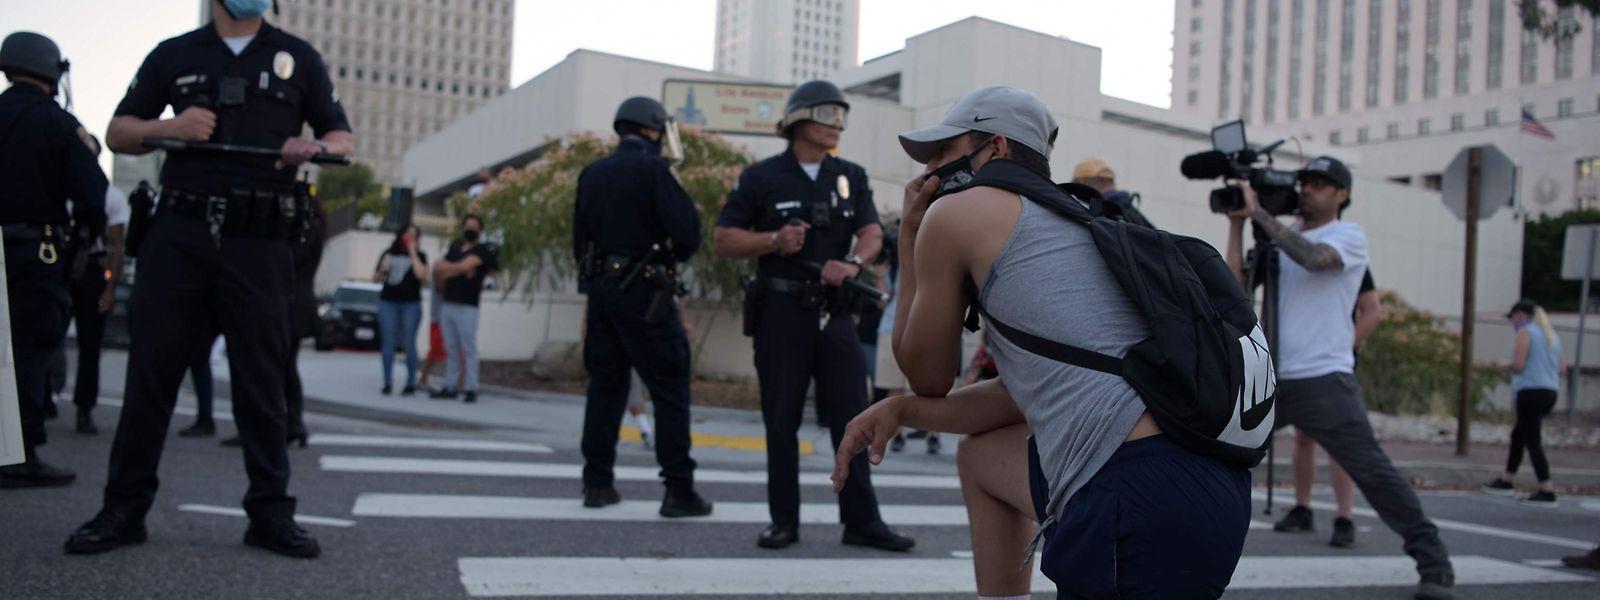 Demonstranten knien in Anlehnung an die Geste von Colin Kaepernick vor der Polizei.